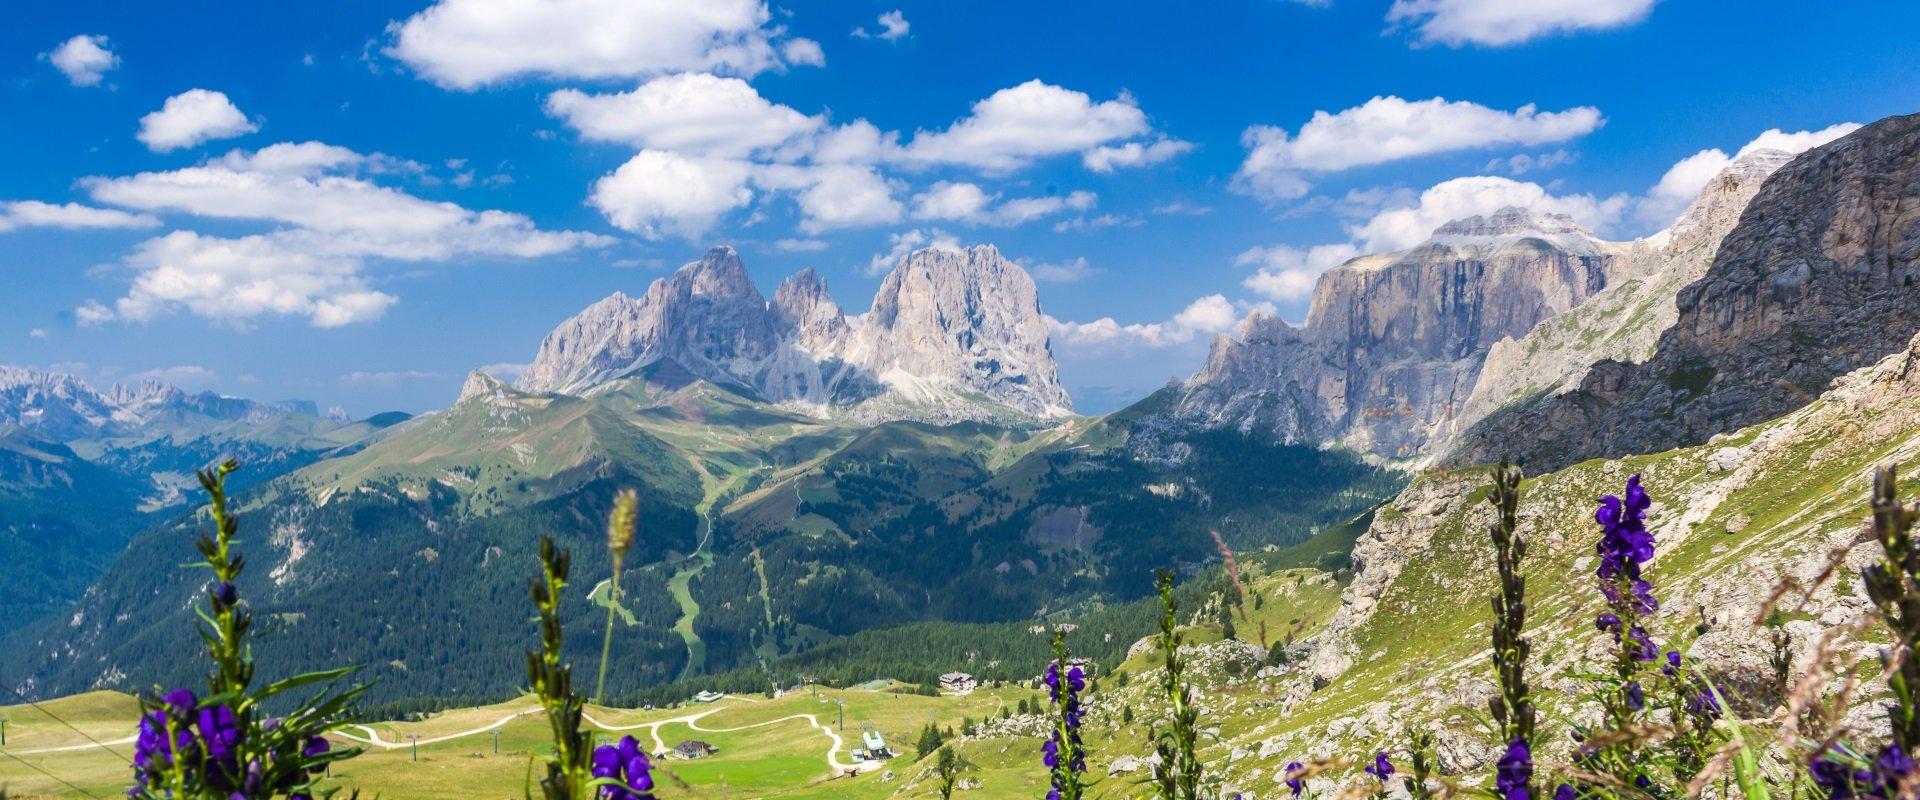 trentino-dolomieten-italie.jpg